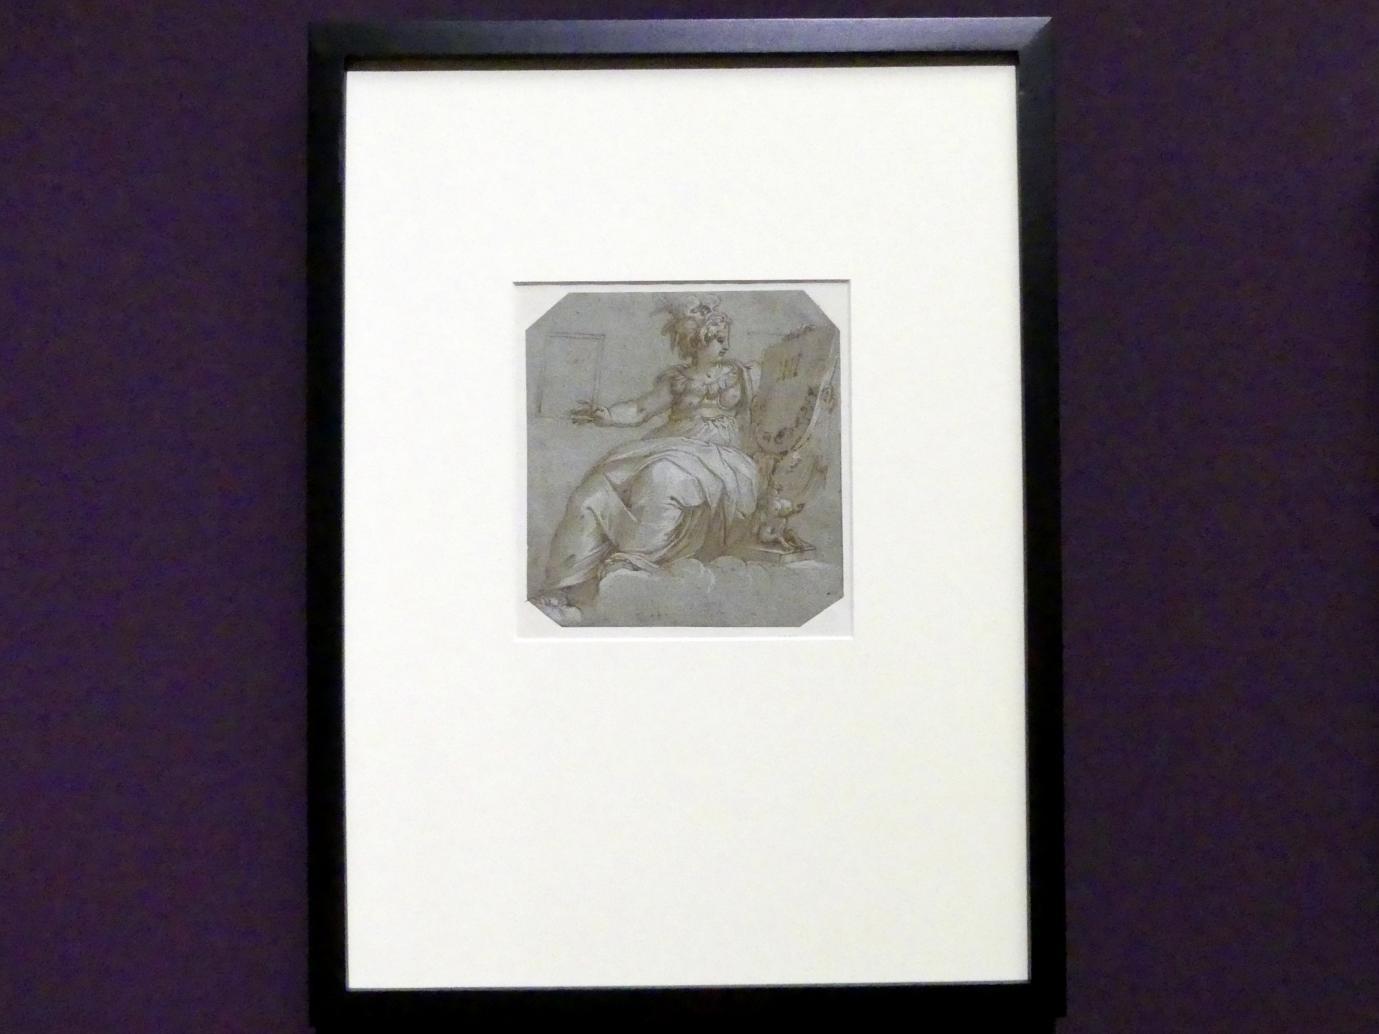 Giorgio Vasari: Studie für Allegorie der vierten Hore des Tages, 1541 - 1542